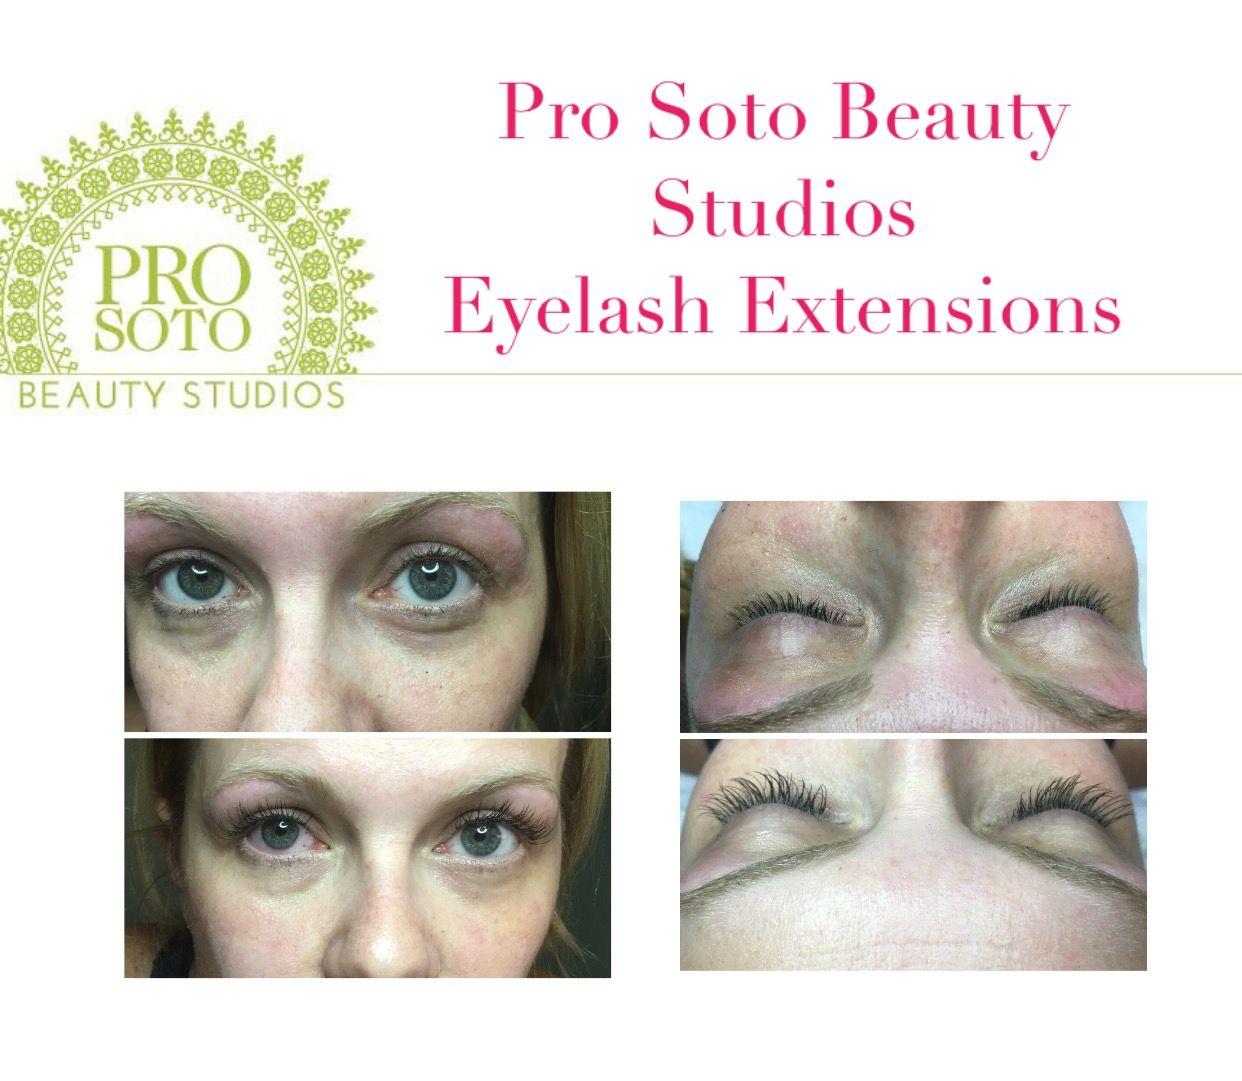 Eyelash Extensions, Lash Extensions, Natural Look Lashes